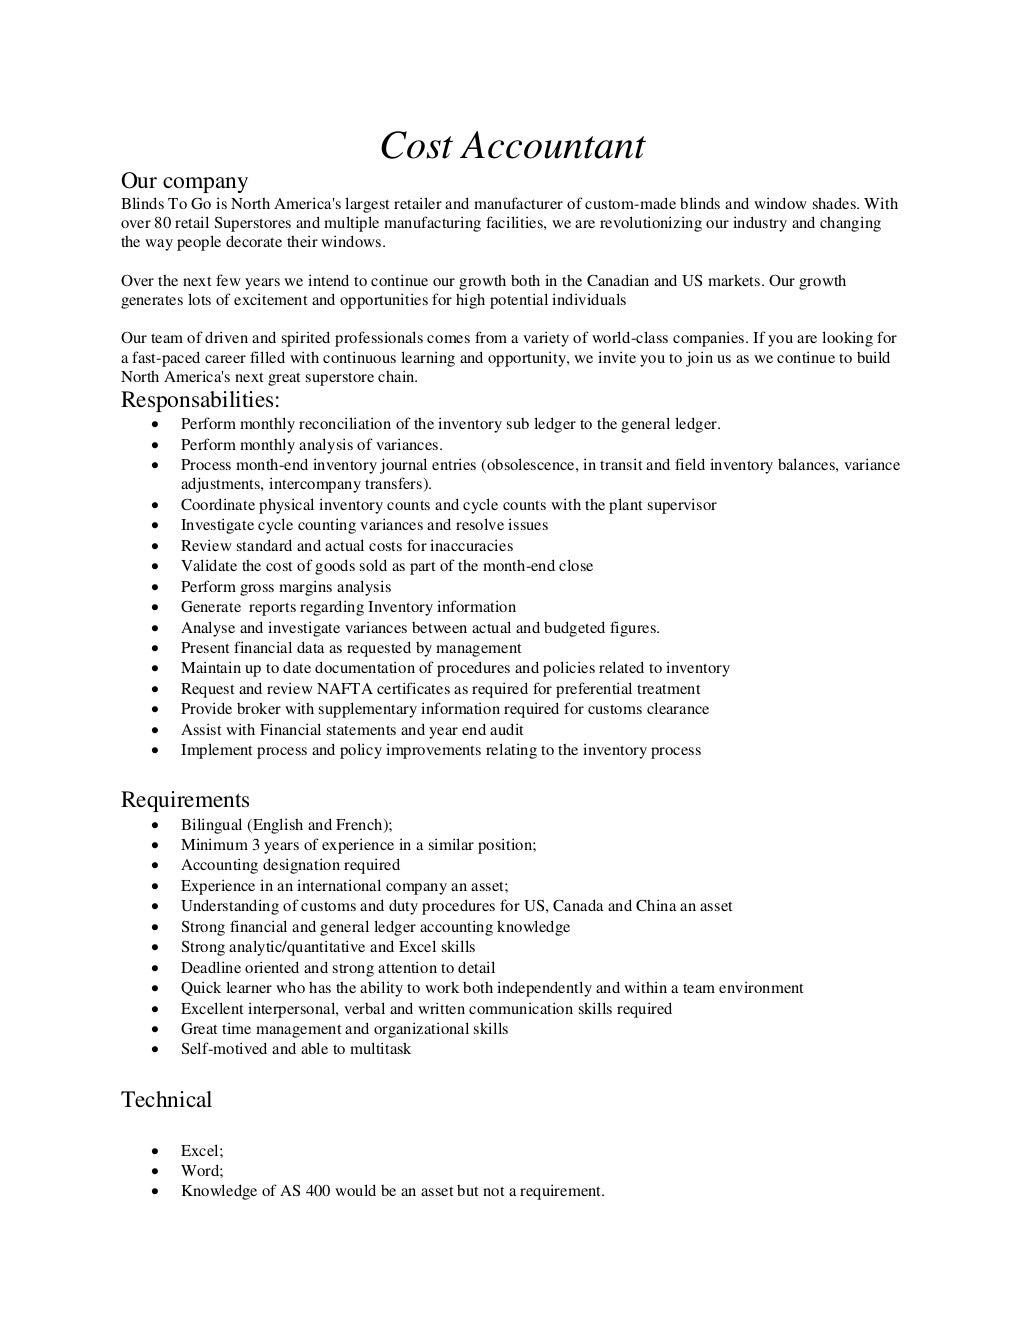 Cost accountant job description